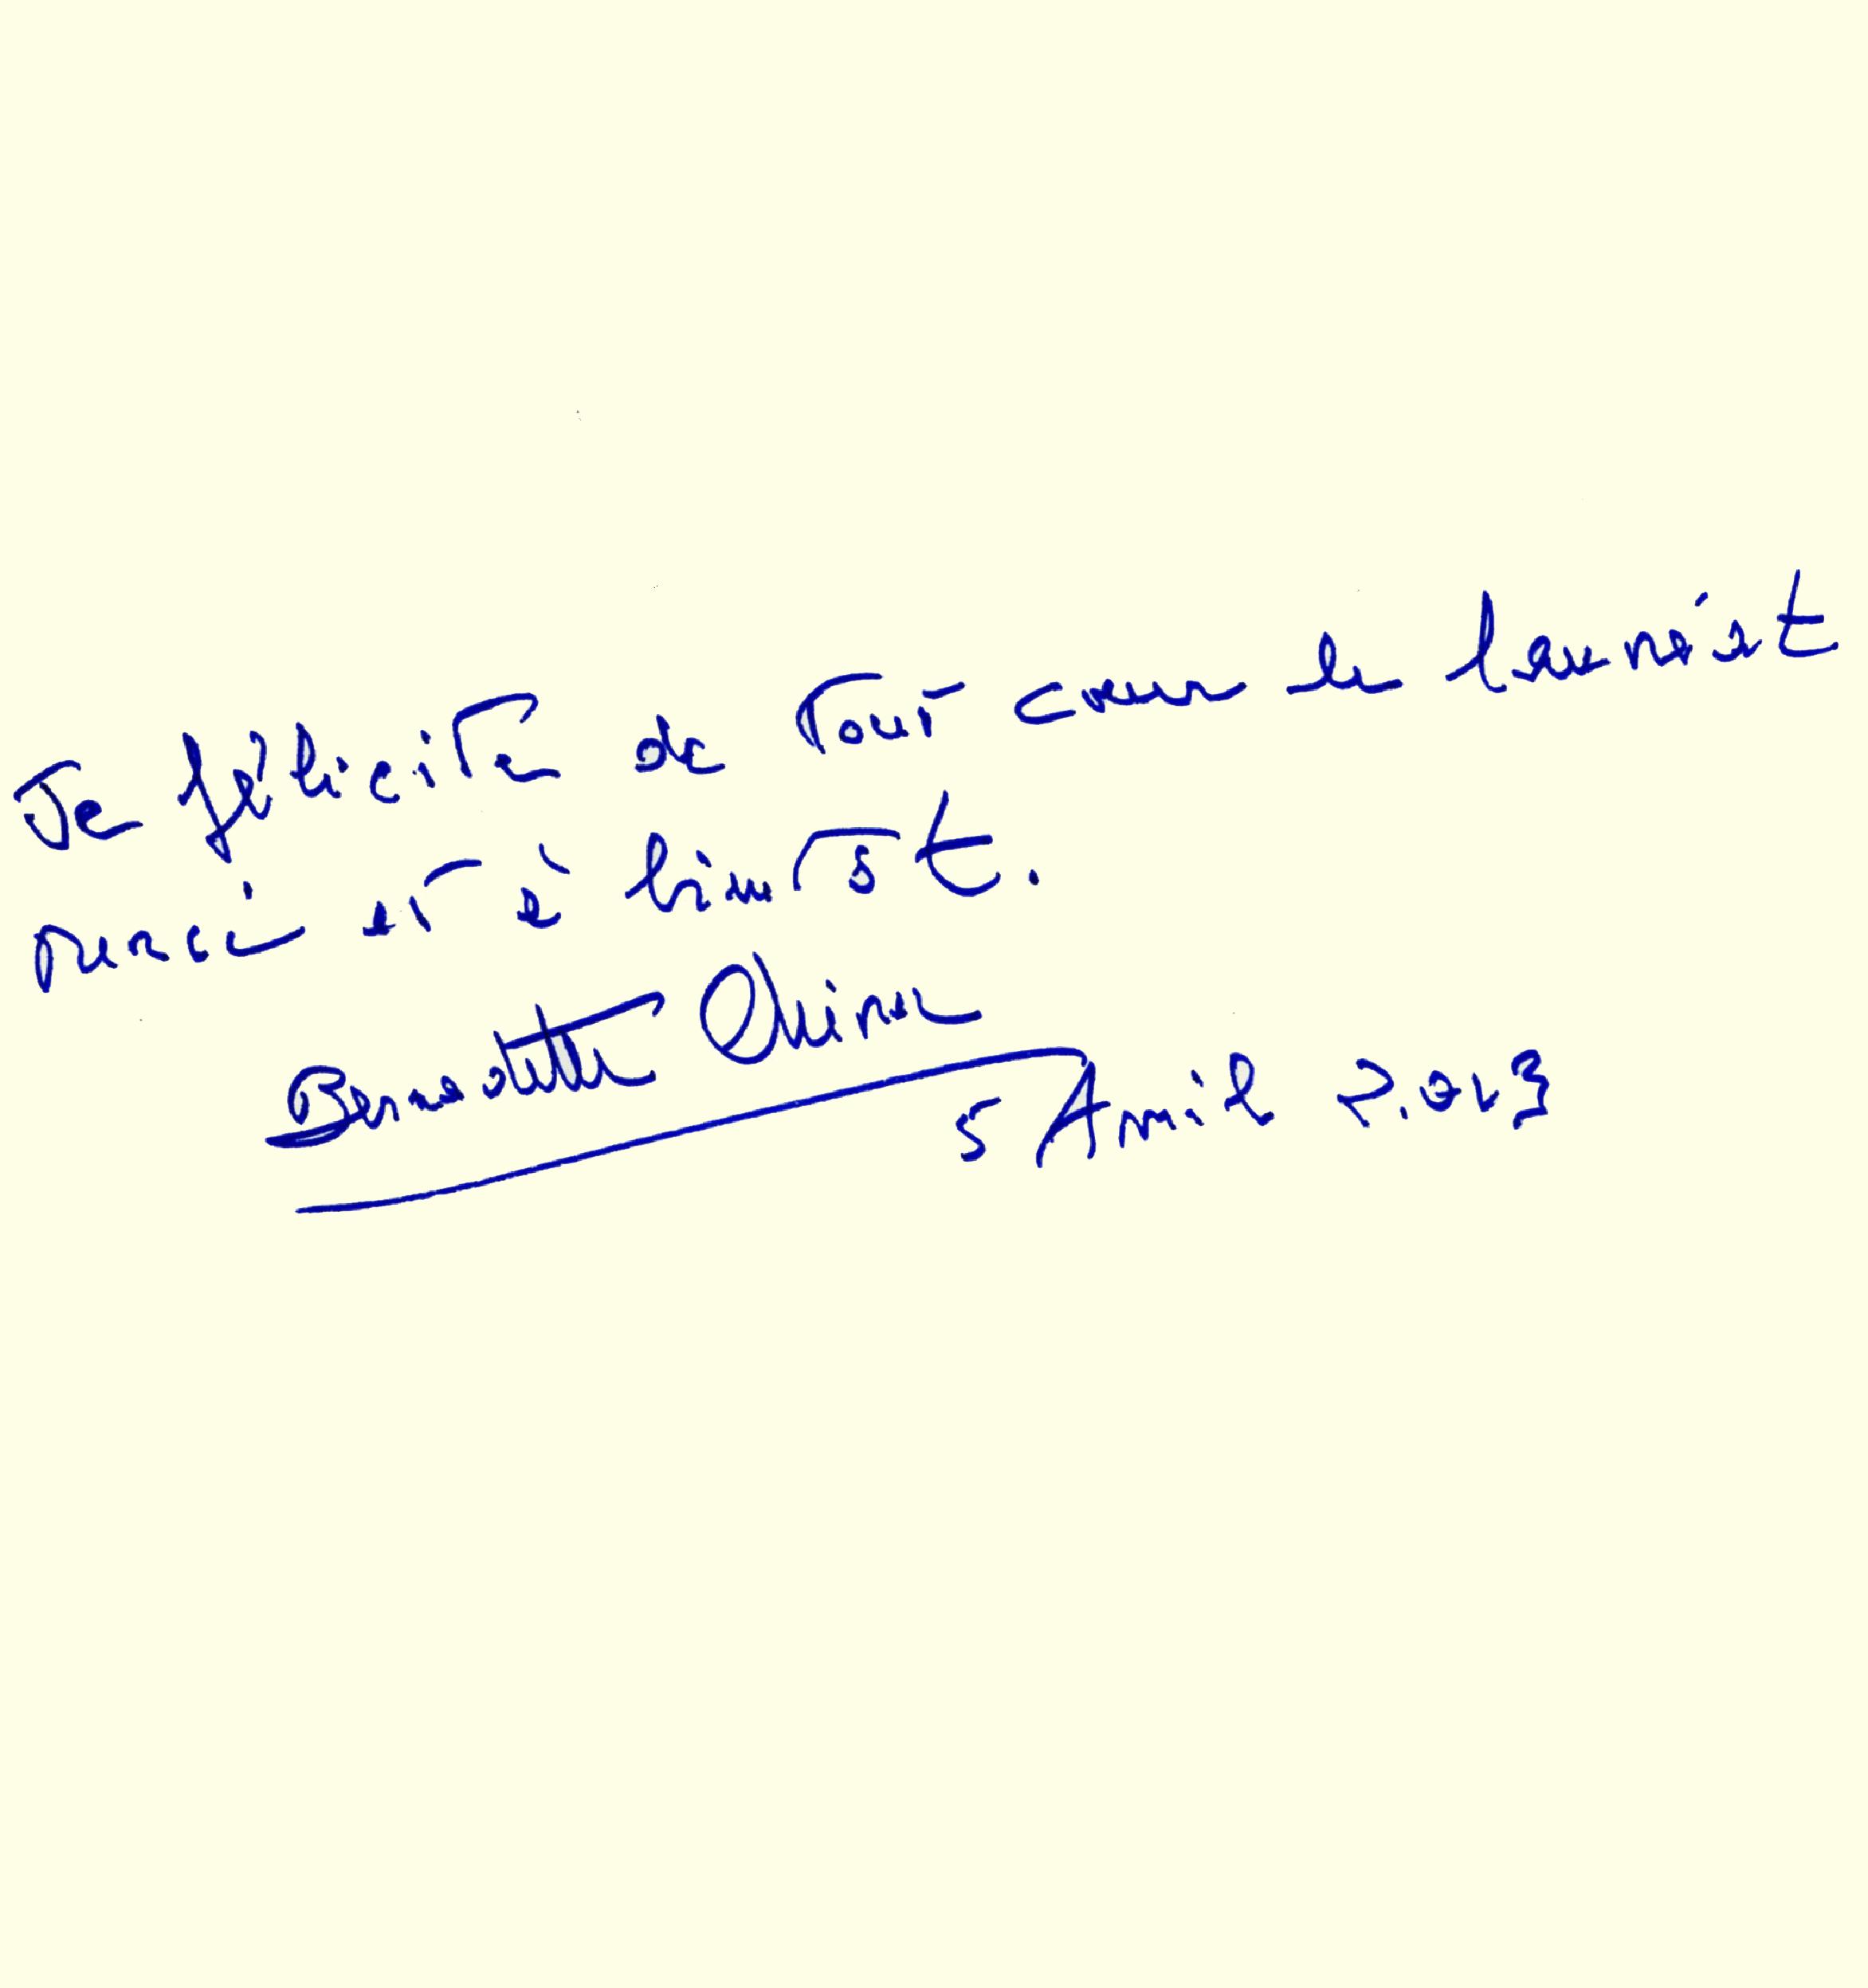 Livre d'or : dédicace de Bernadette Chirac